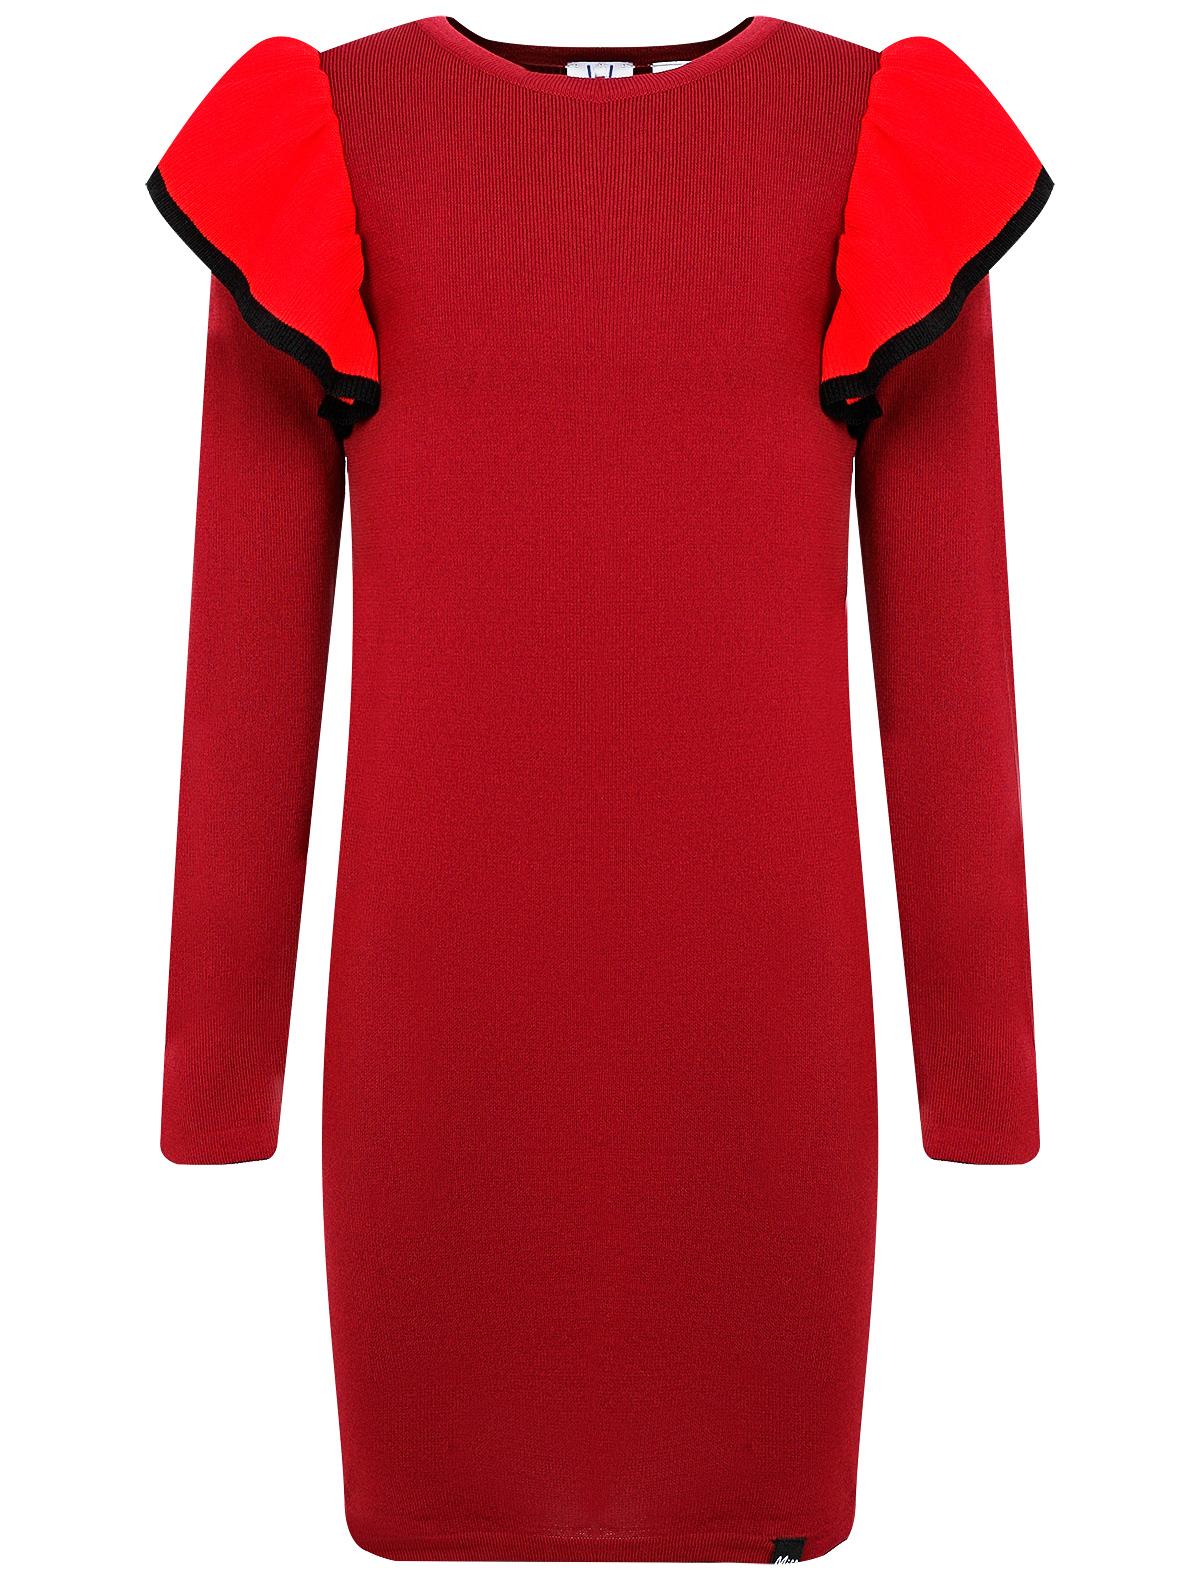 2123557, Платье NIK & NIK, разноцветный, Женский, 1050909980124  - купить со скидкой